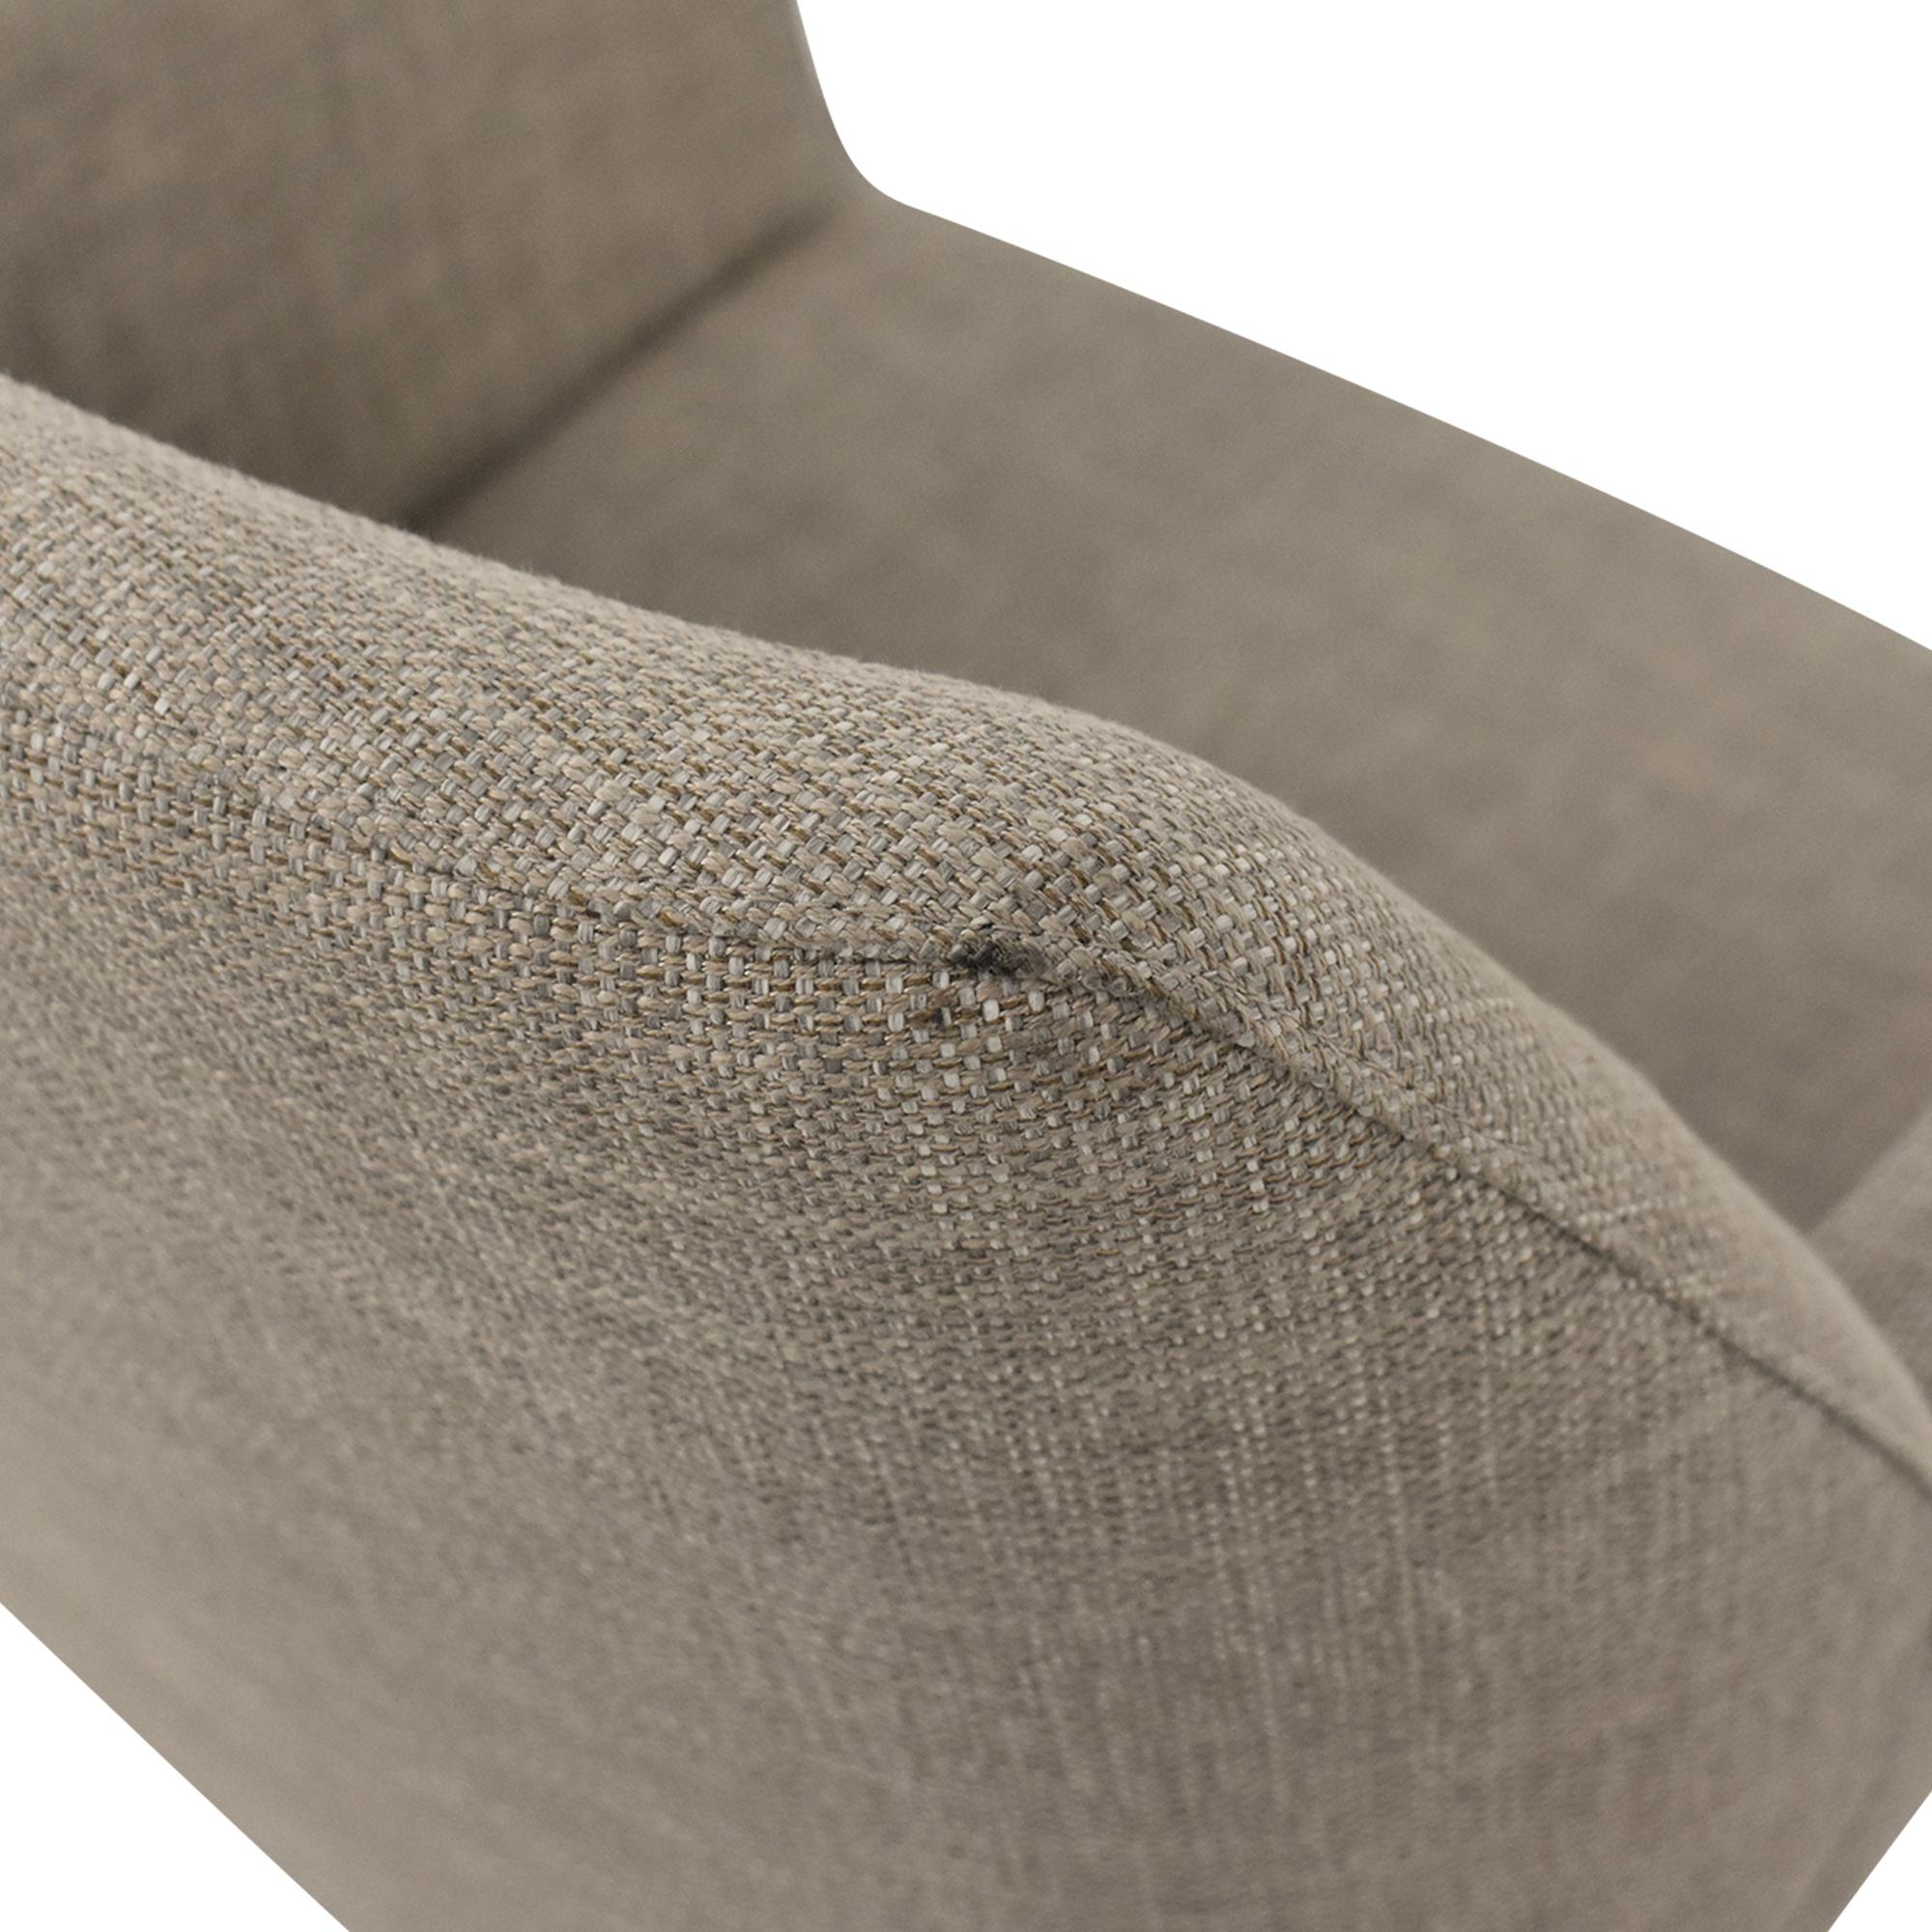 Steelcase Steelcaase Coalesse Bindu Side Chair second hand